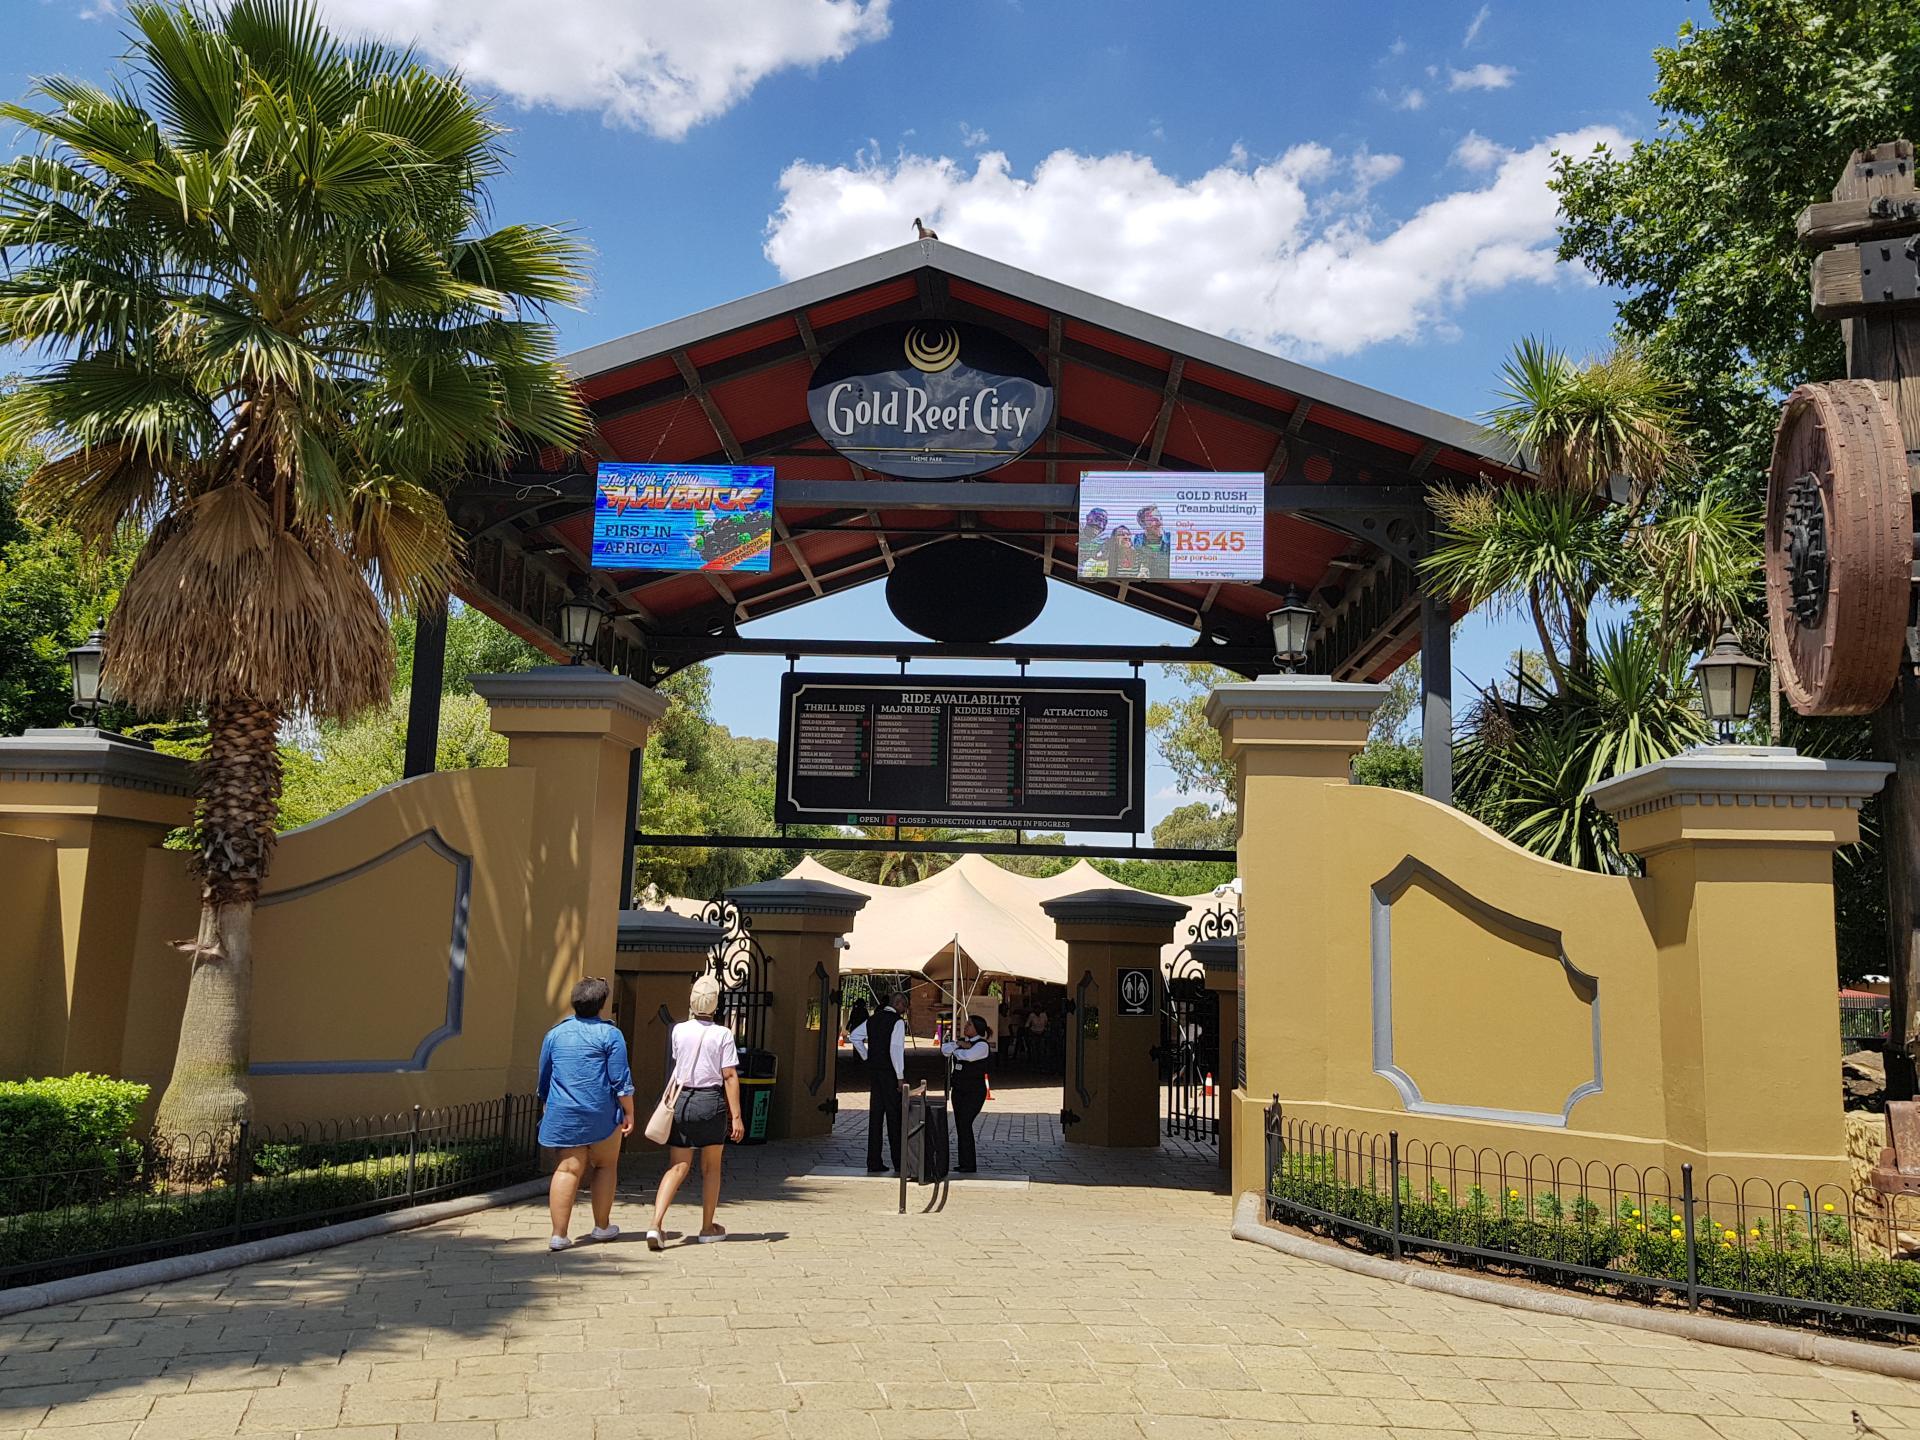 ворота в развлекательный парк Gold Reef City